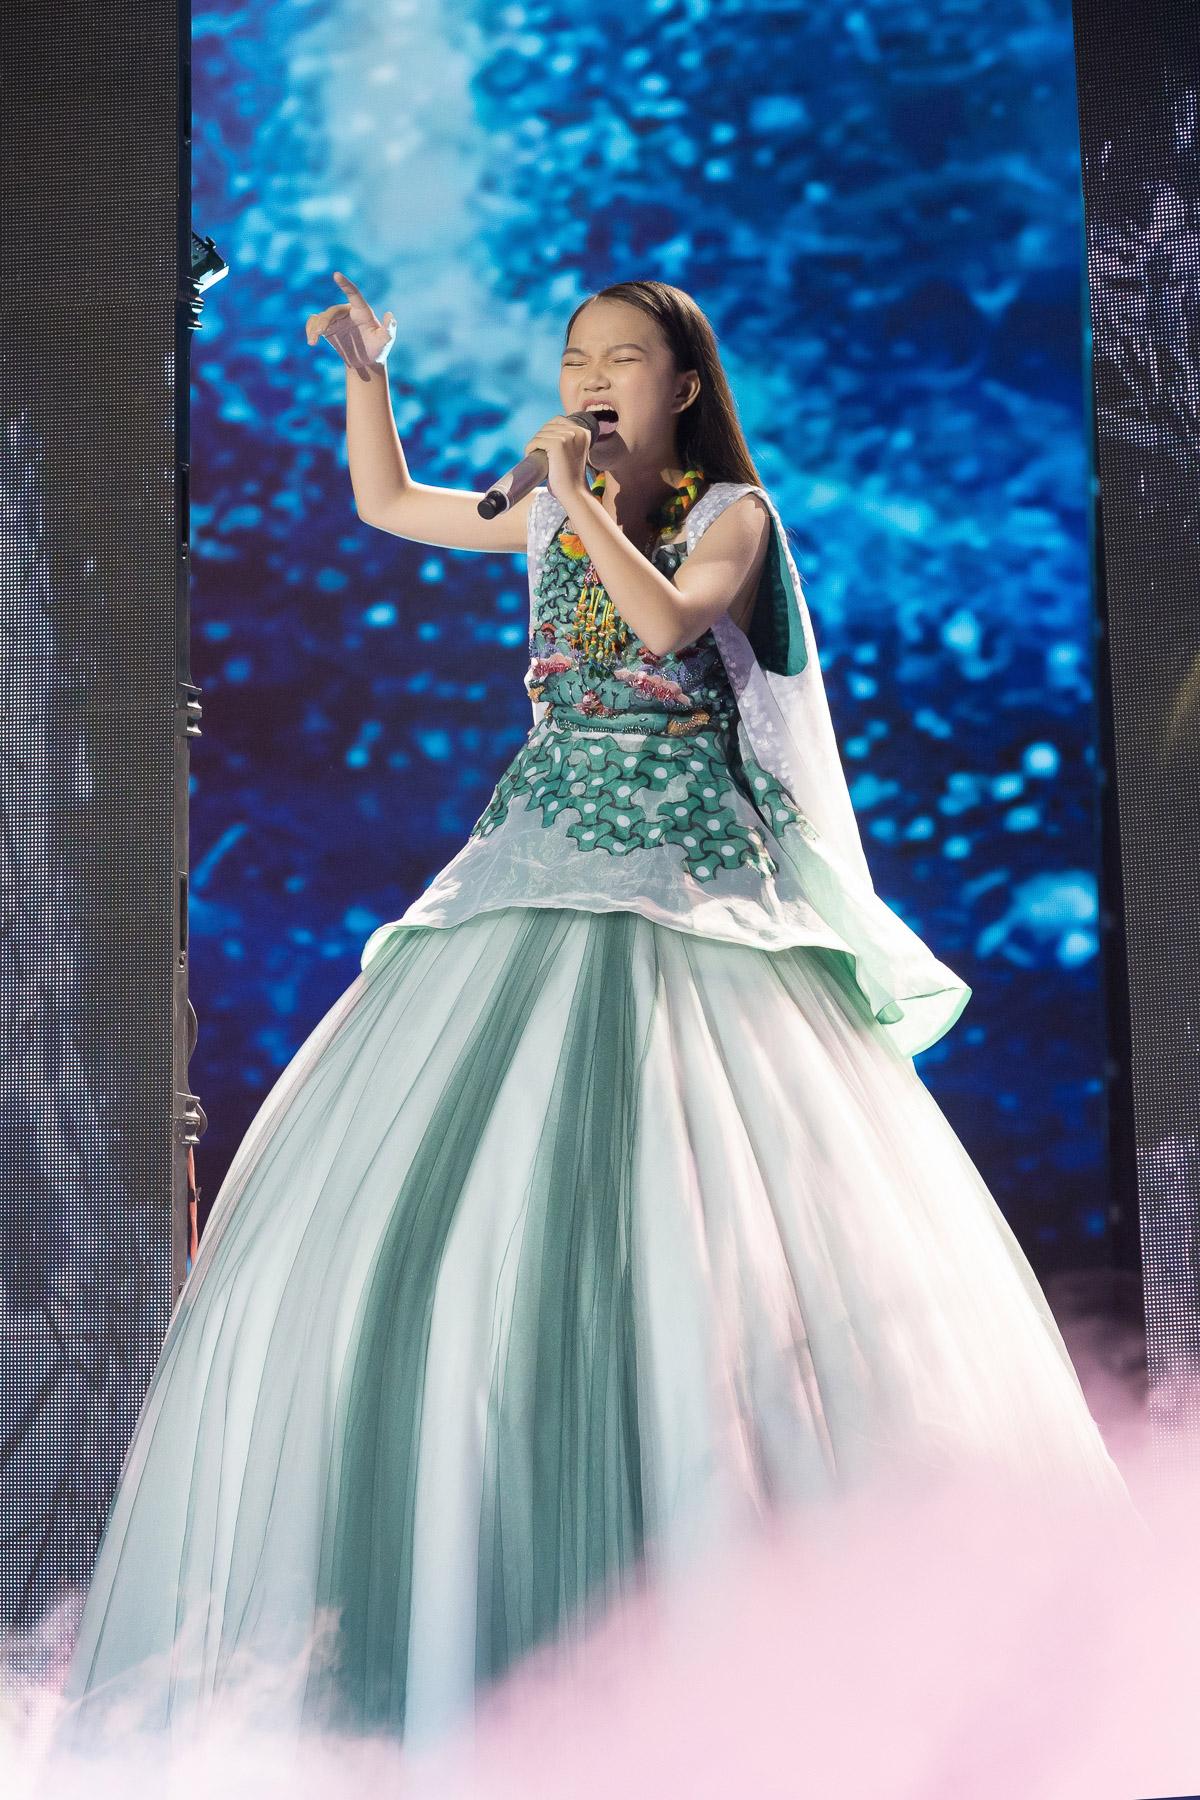 Lưu Hương Giang – Hồ Hoài Anh lần thứ 3 làm nên quán quân tại Giọng hát Việt nhí - Ảnh 2